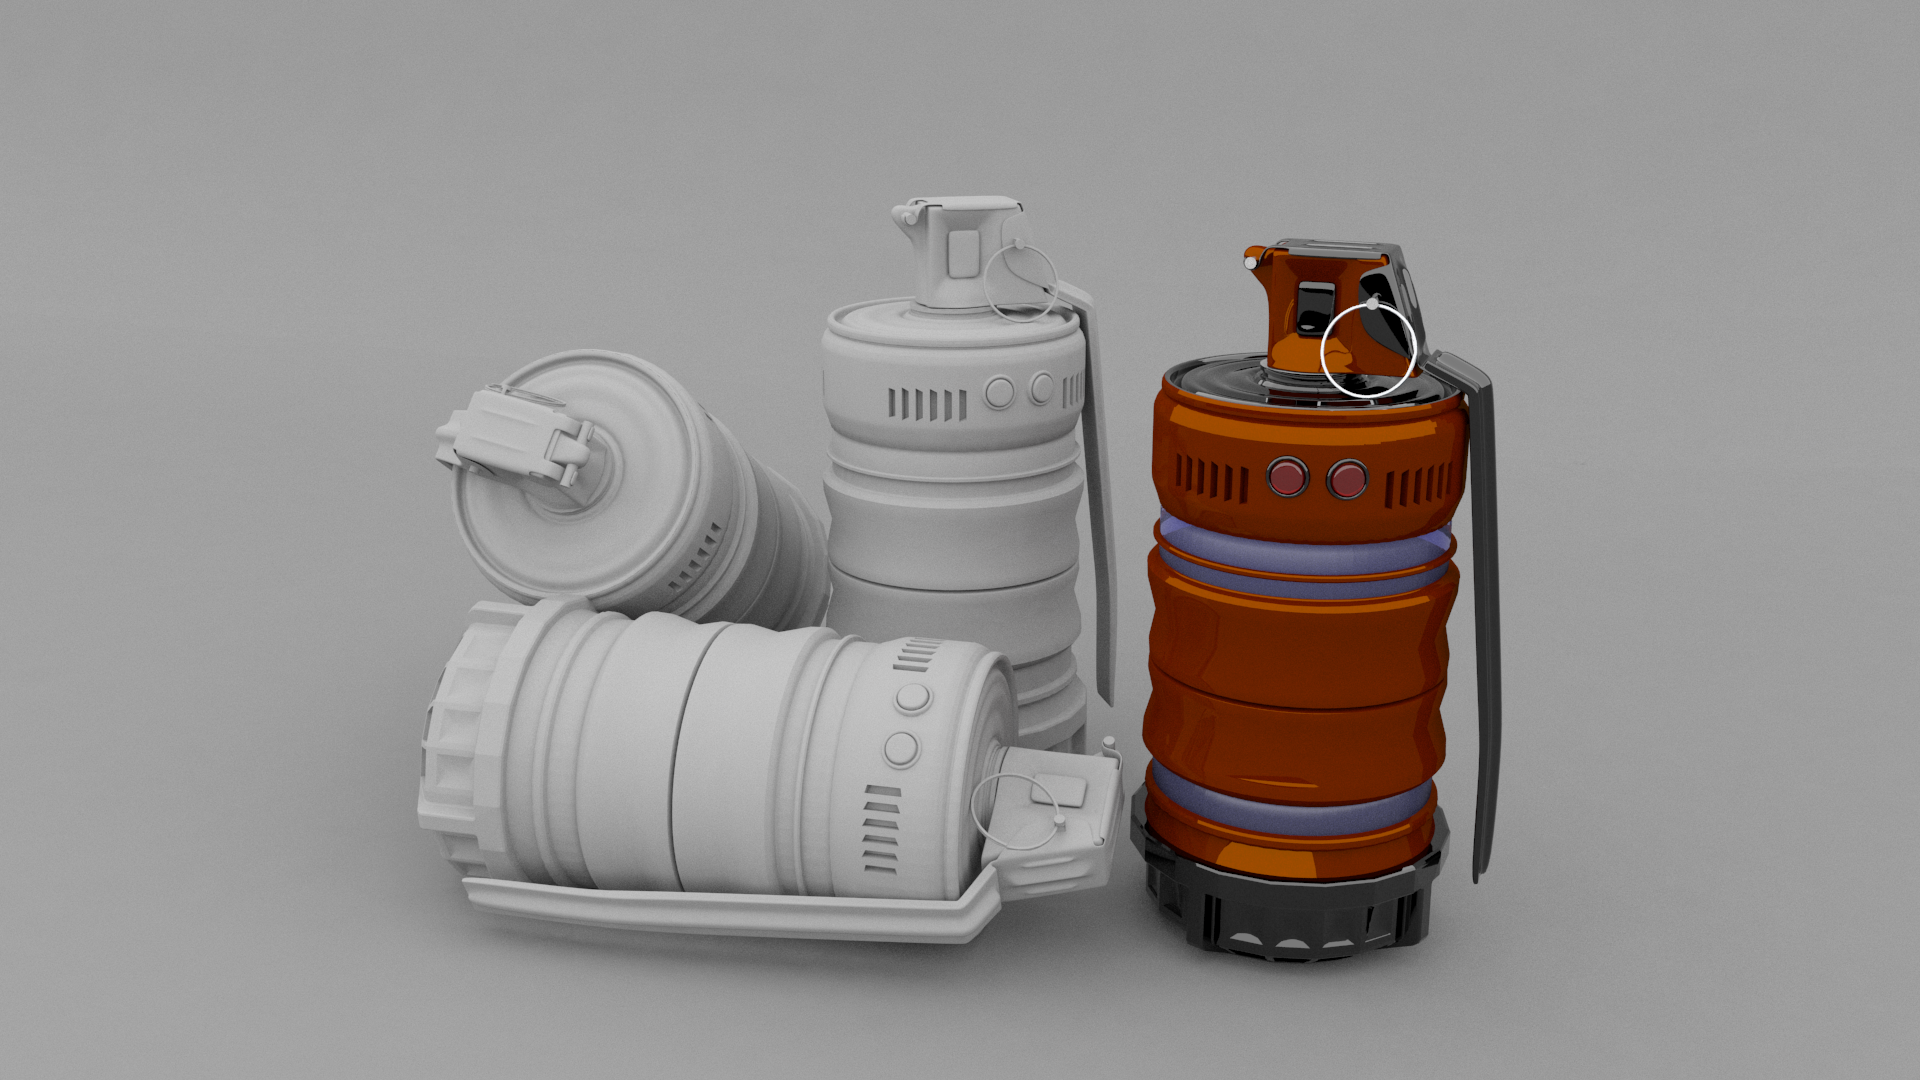 Flash Grenade Concept